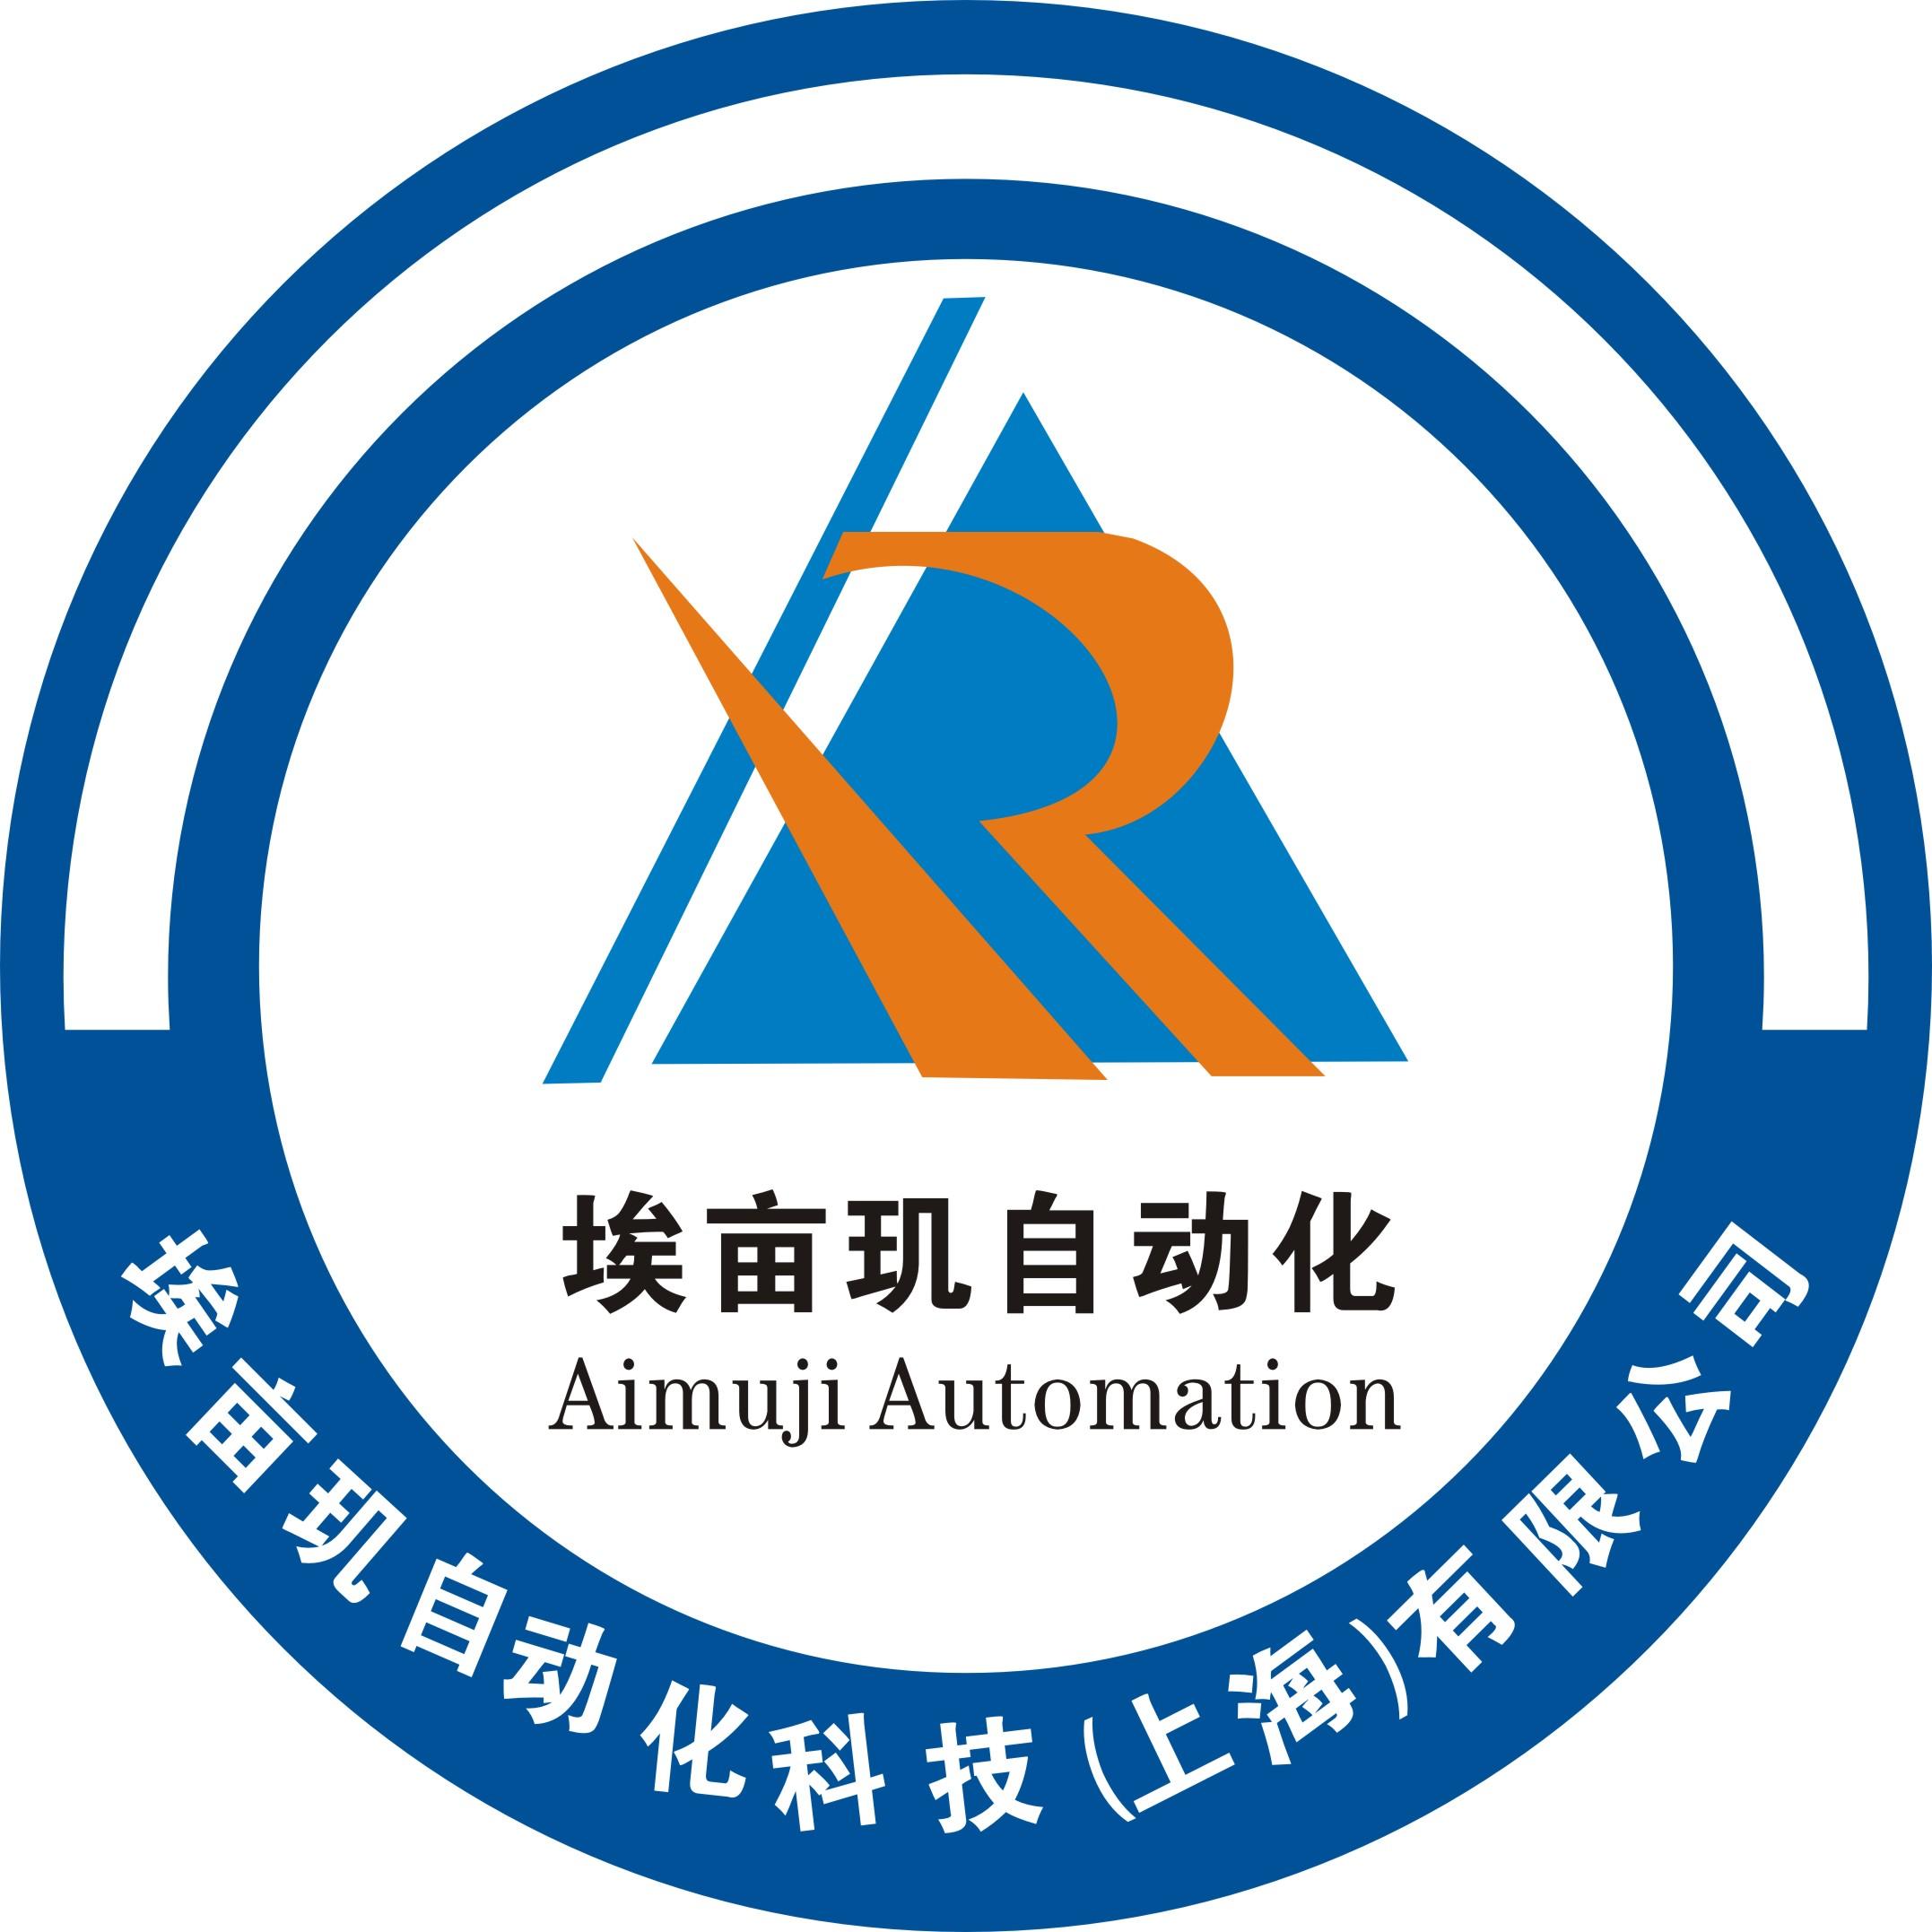 埃亩玑自动化科技(上海)有限公司